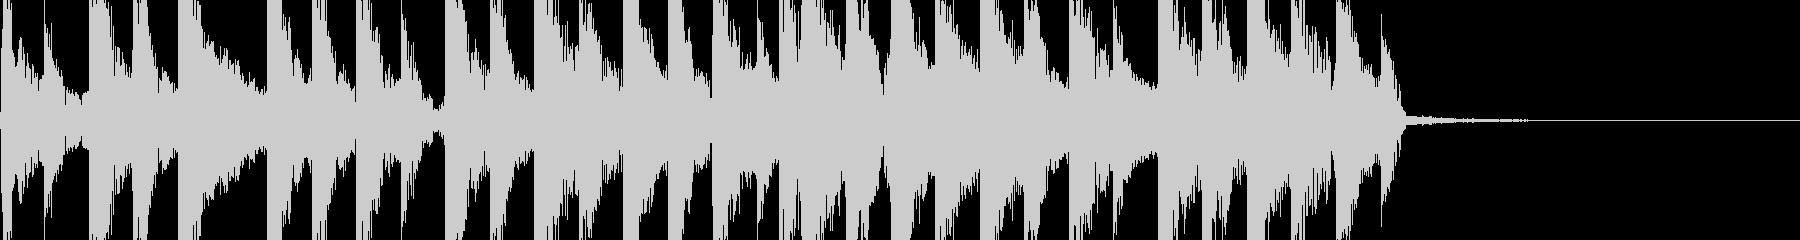 ドタバタコミカルパーカッションジングルの未再生の波形